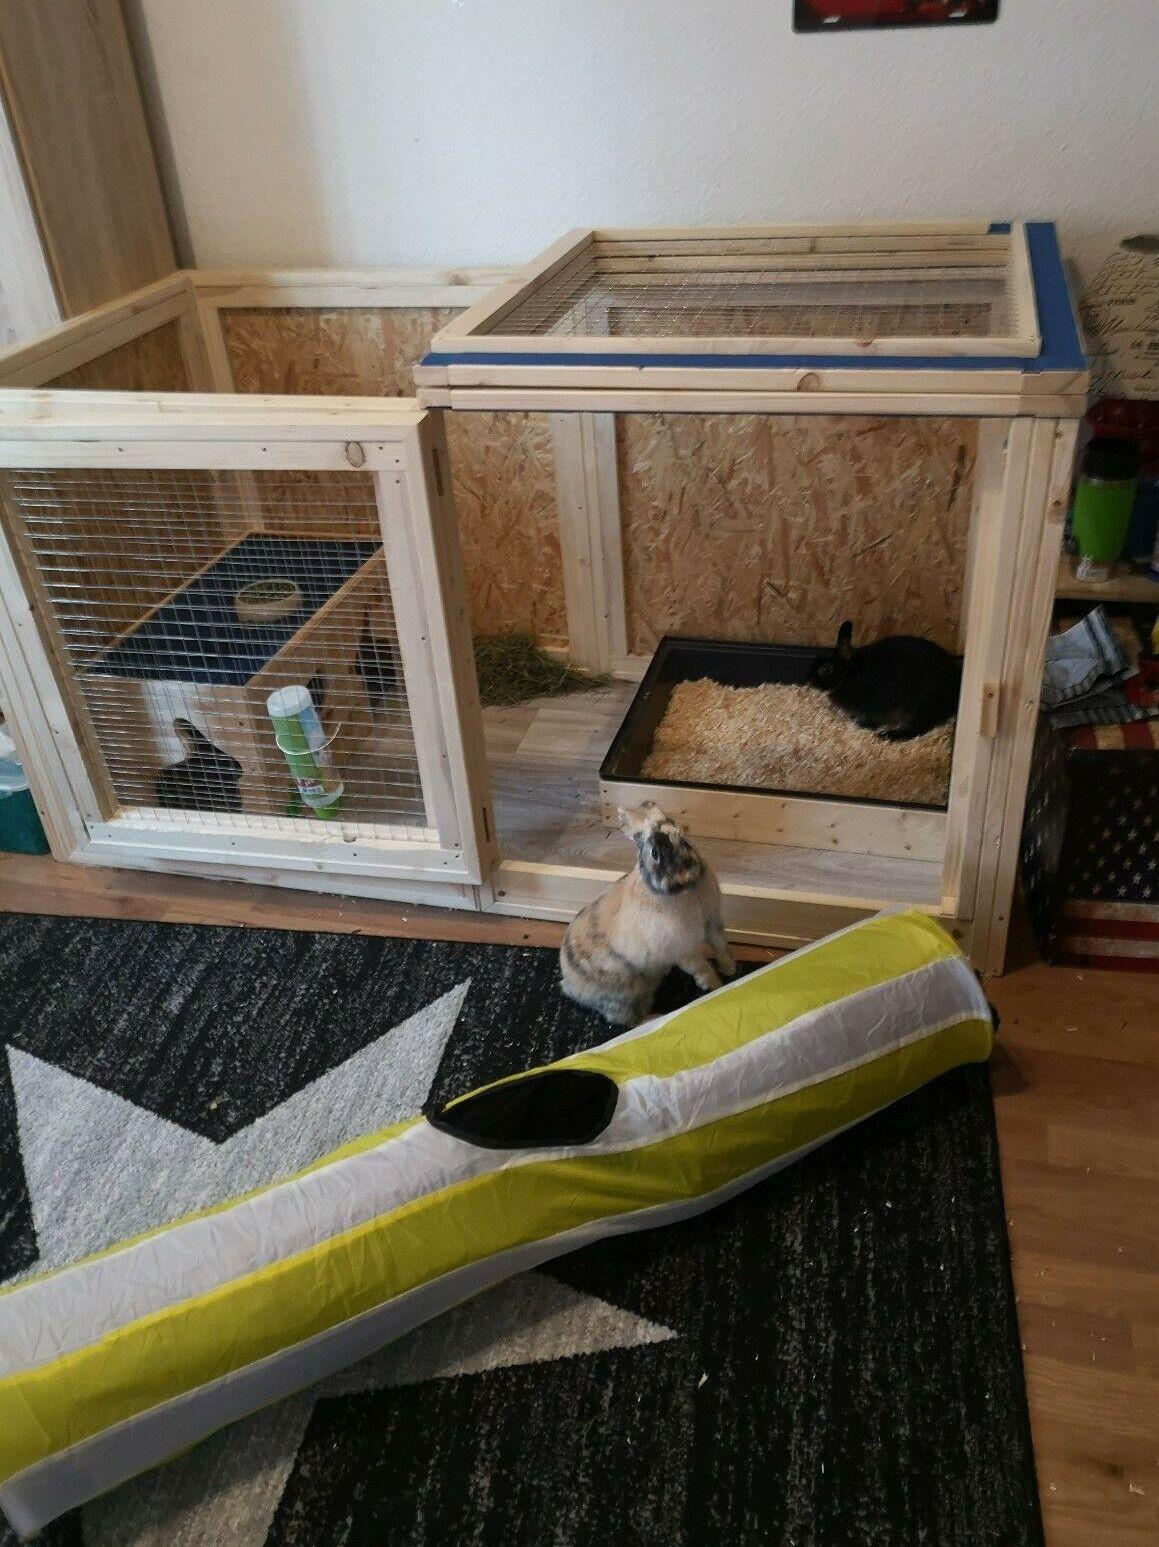 Ruckzugsort Fur Kaninchen Mit Deckel In 2020 Kaninchengehege